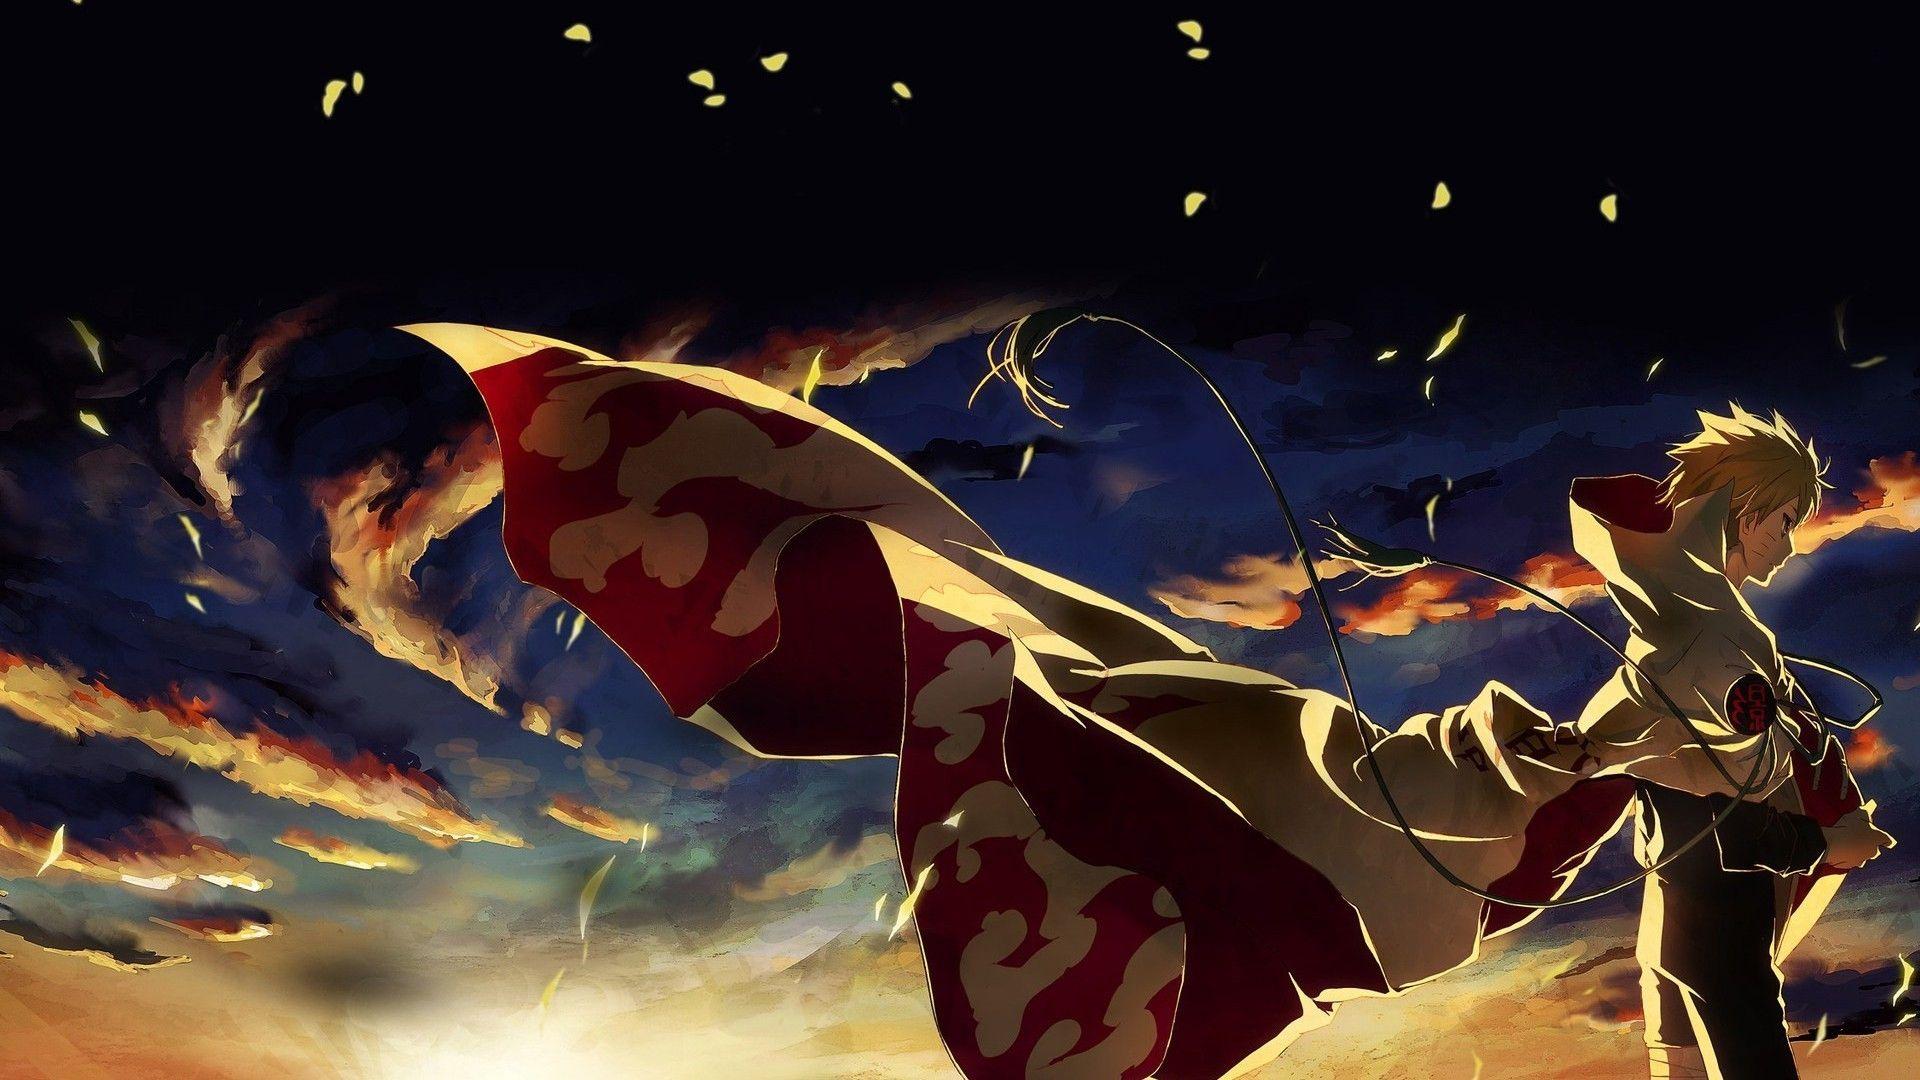 Naruto Moving Wallpaper Posted By Samantha Tremblay